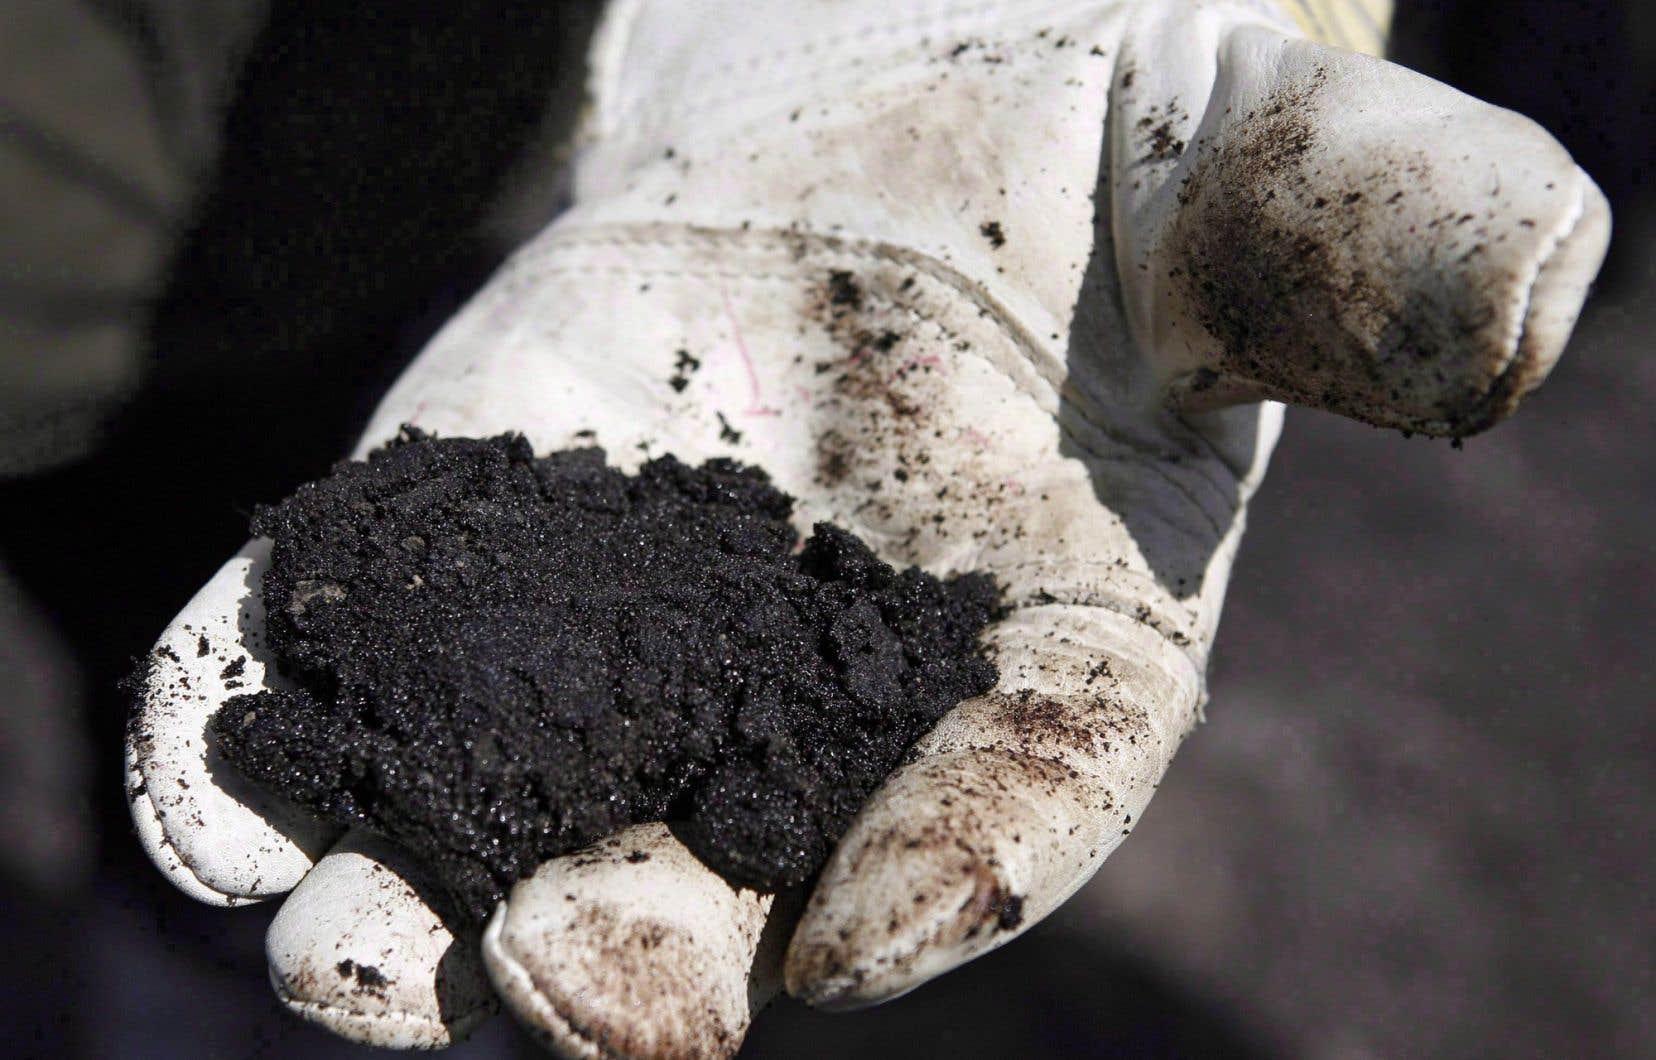 Quatre producteurs pétroliers canadiens sont exclus de fonds d'investissement en Norvège en raison de leurs émissions importantes de gaz à effet de serre.